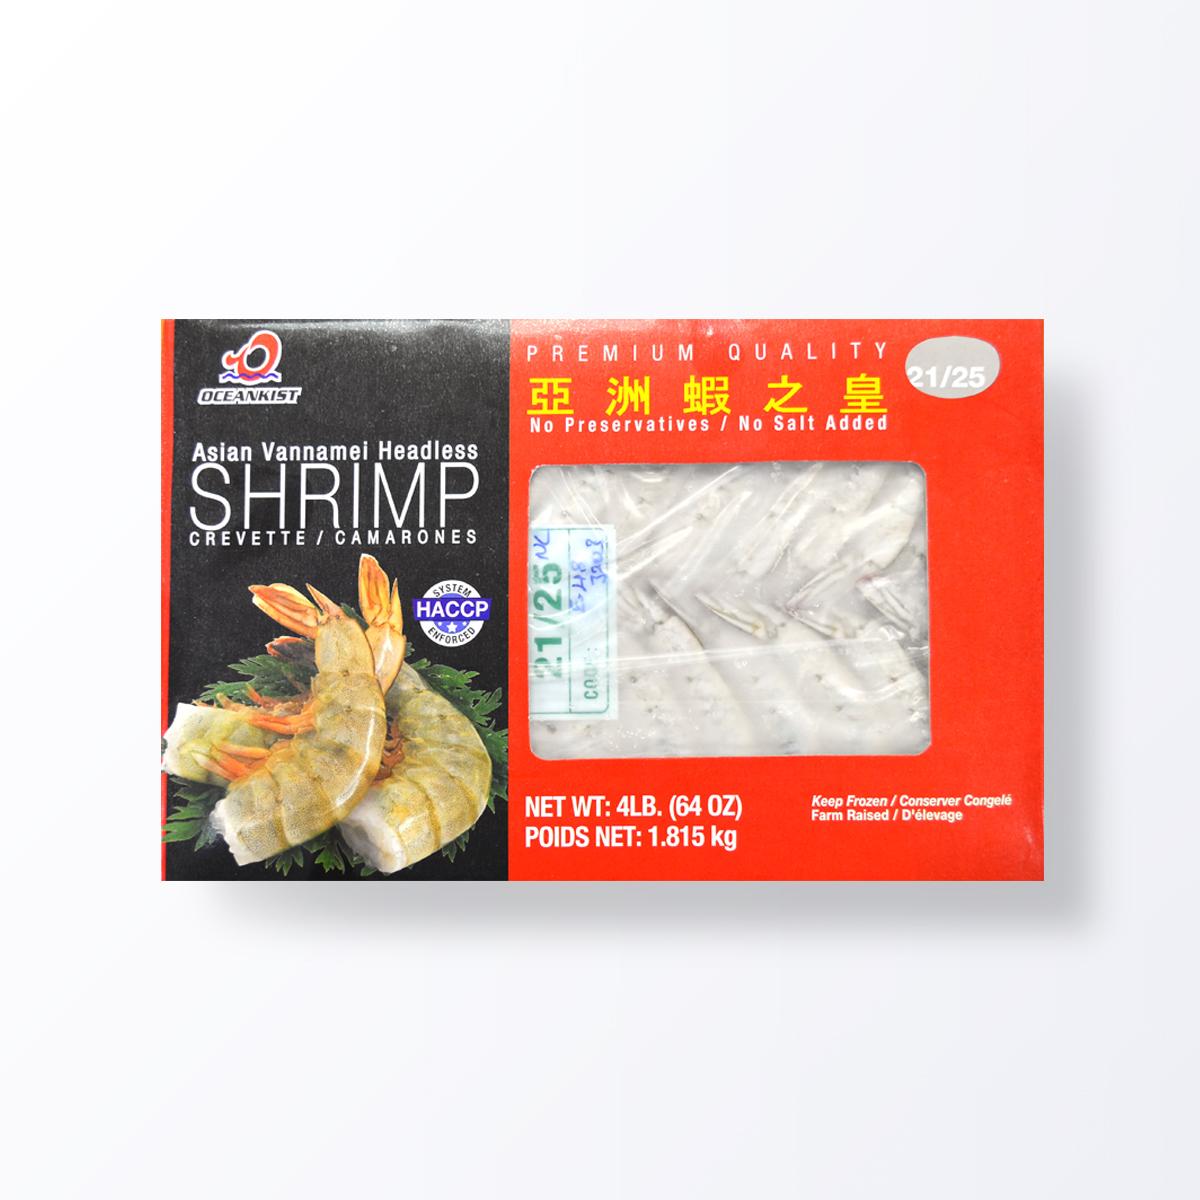 SHR175-Shrimp-Vannamei-Headless-Shell-On-front.JPG